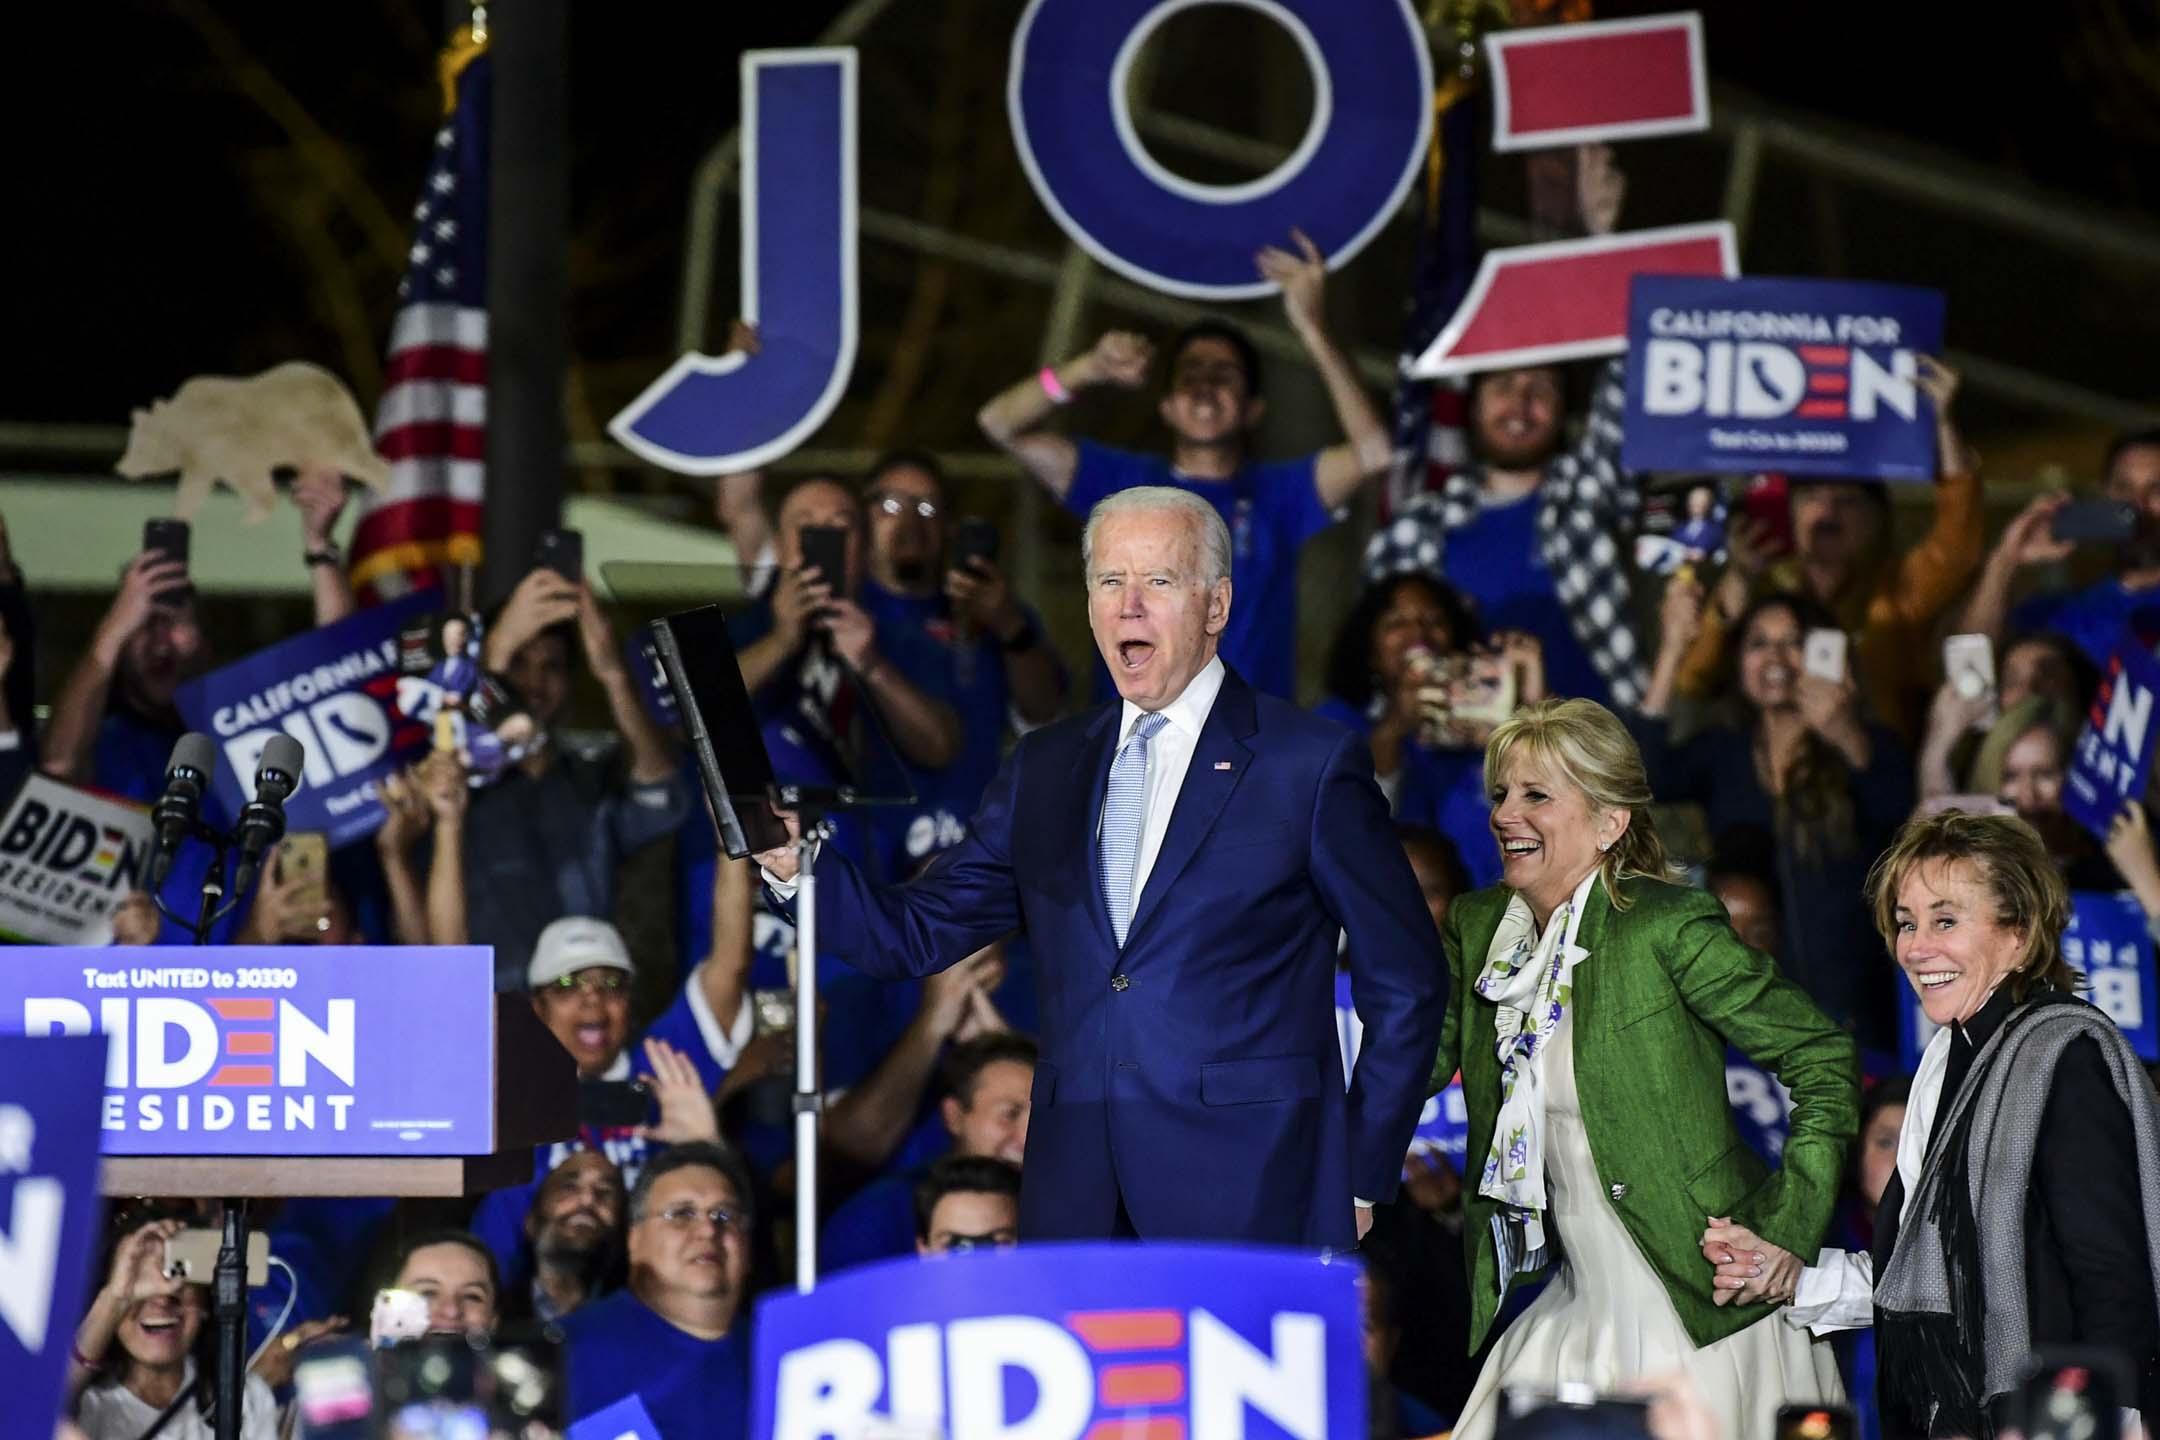 2020年3月3日,民主黨總統參選人拜登與家人一起登上在洛杉磯舉行的選舉集會舞台。